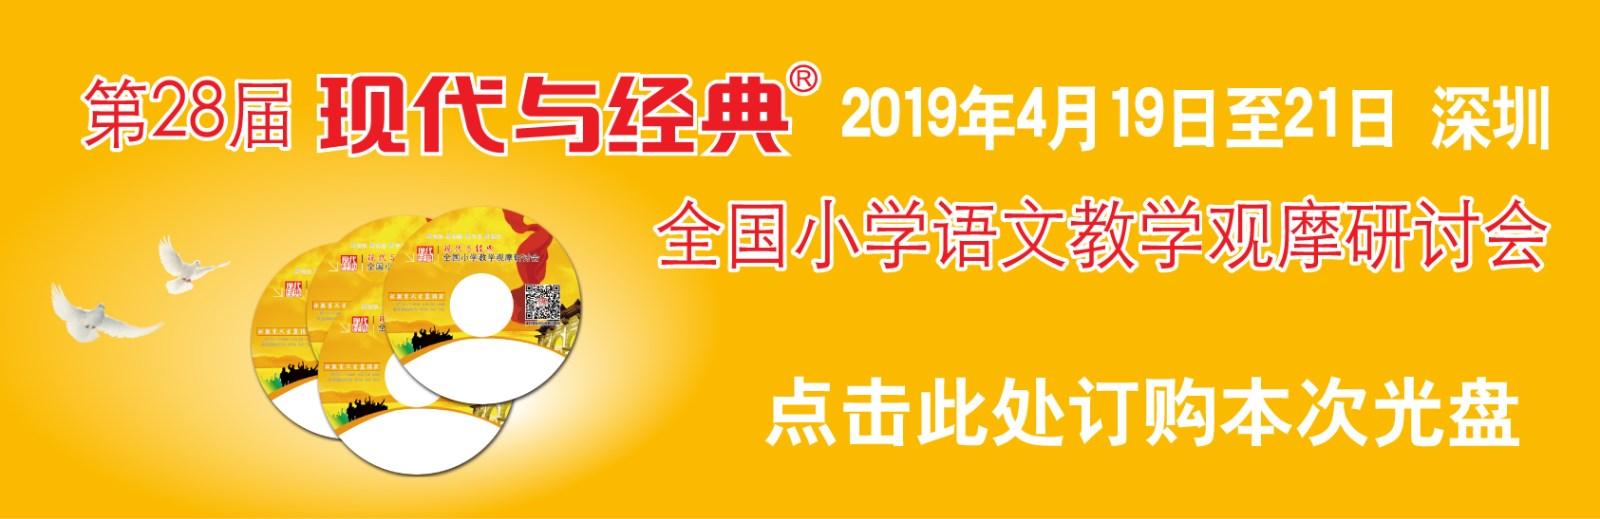 28届深圳语文光盘链接图.jpg